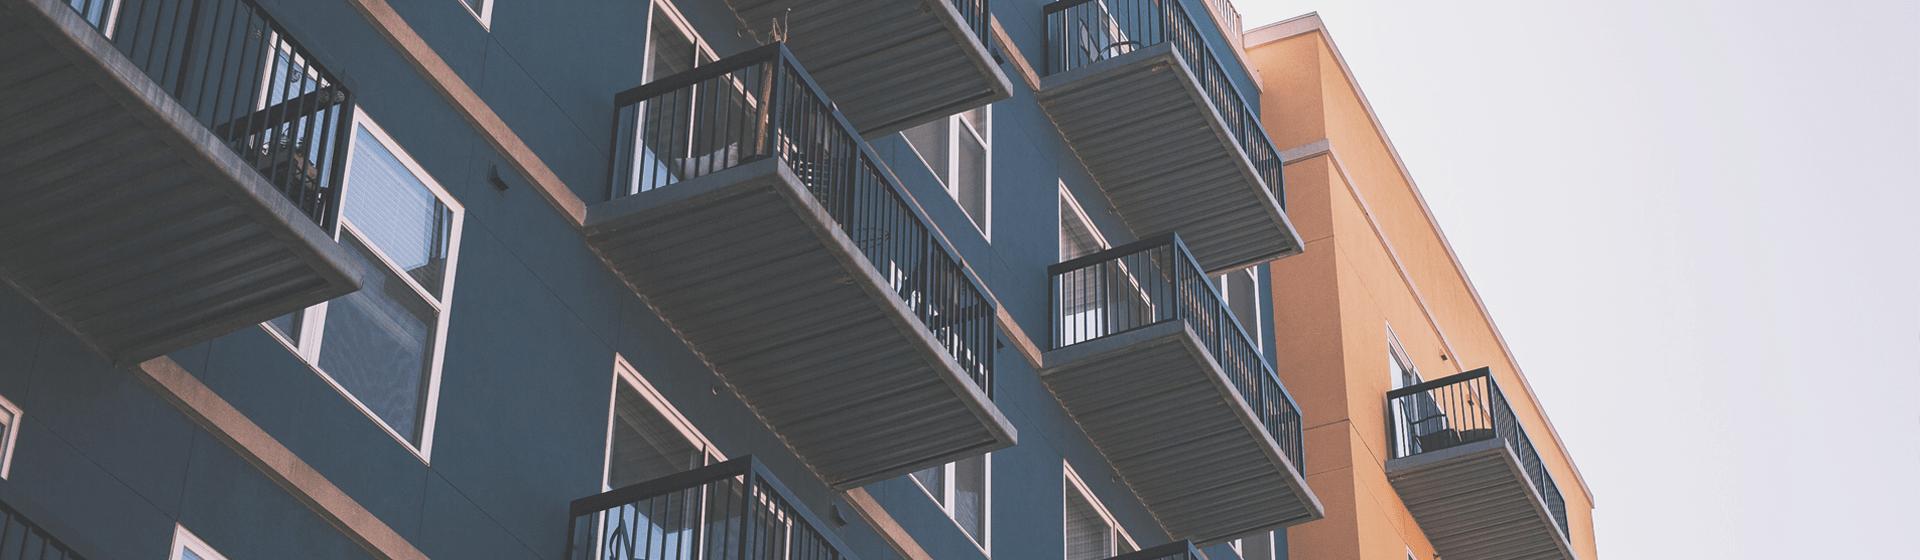 Neues BGH-Urteil zu Sozialwohnungen